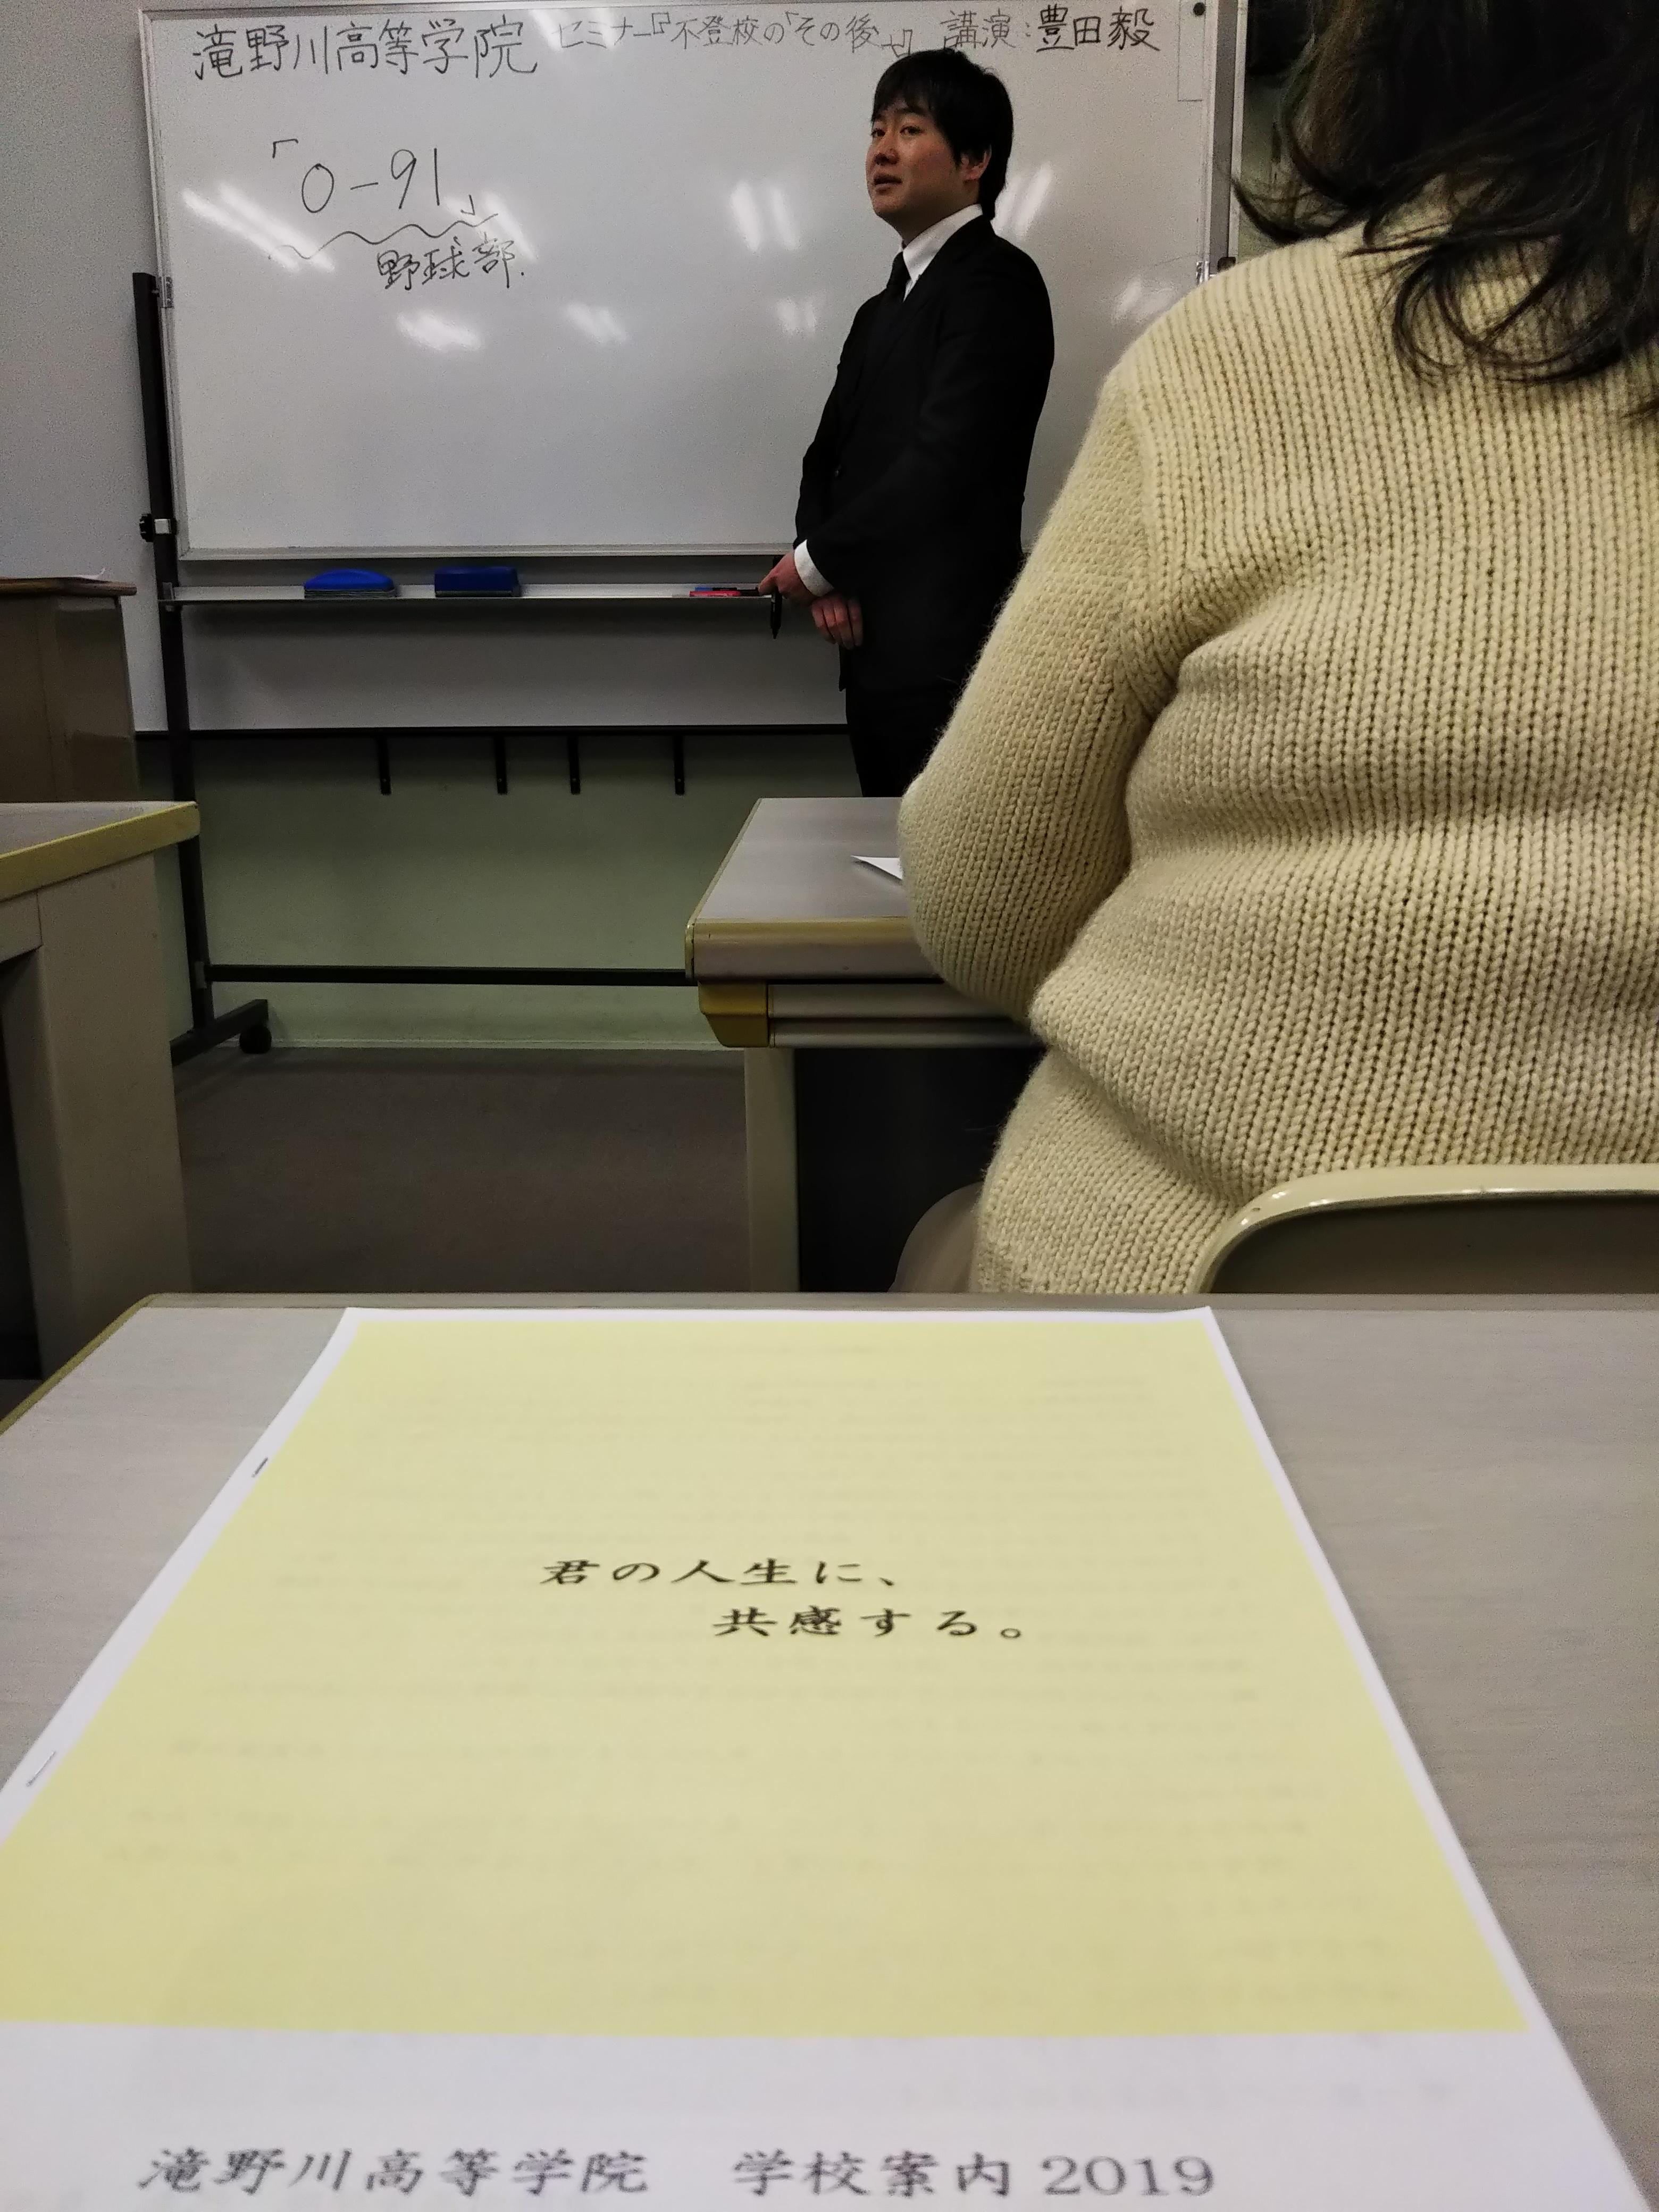 ホワイトボードの前で講義を行う豊田毅代表。「0-91」野球部、と書かれている。